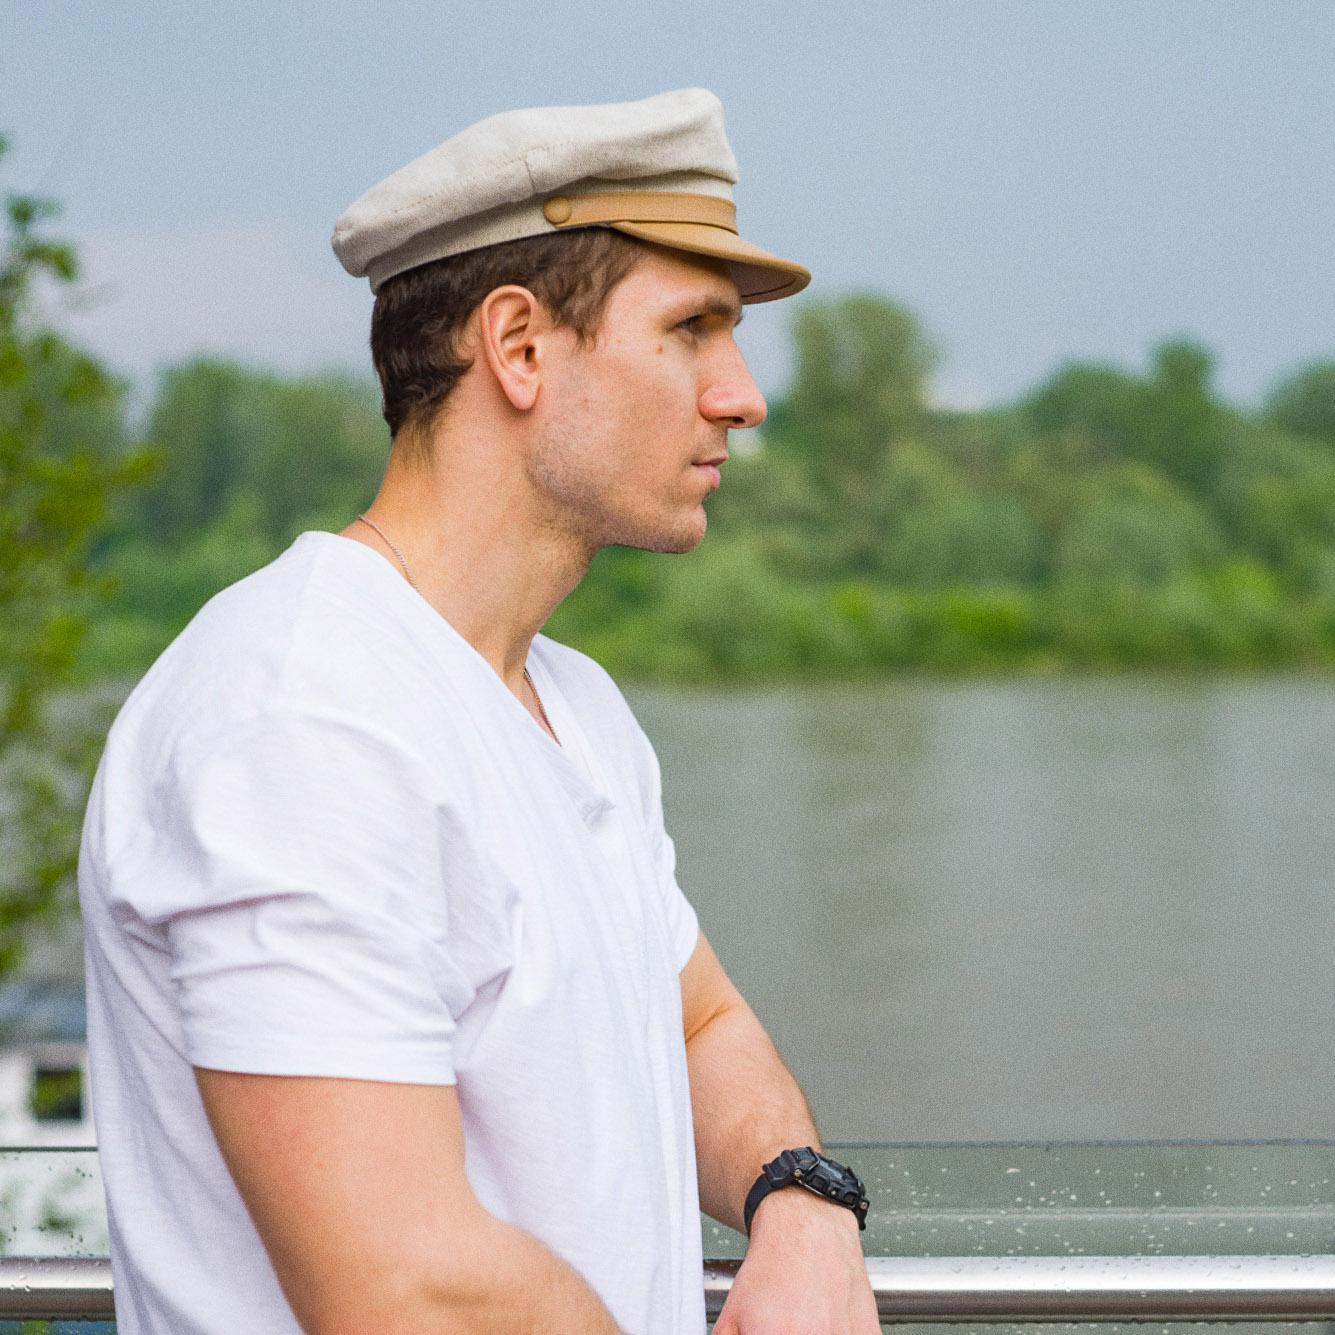 Linen natural skin visor traditional Polish summer cap lightweight airy breathable sun beach sailor merchant fleet hat